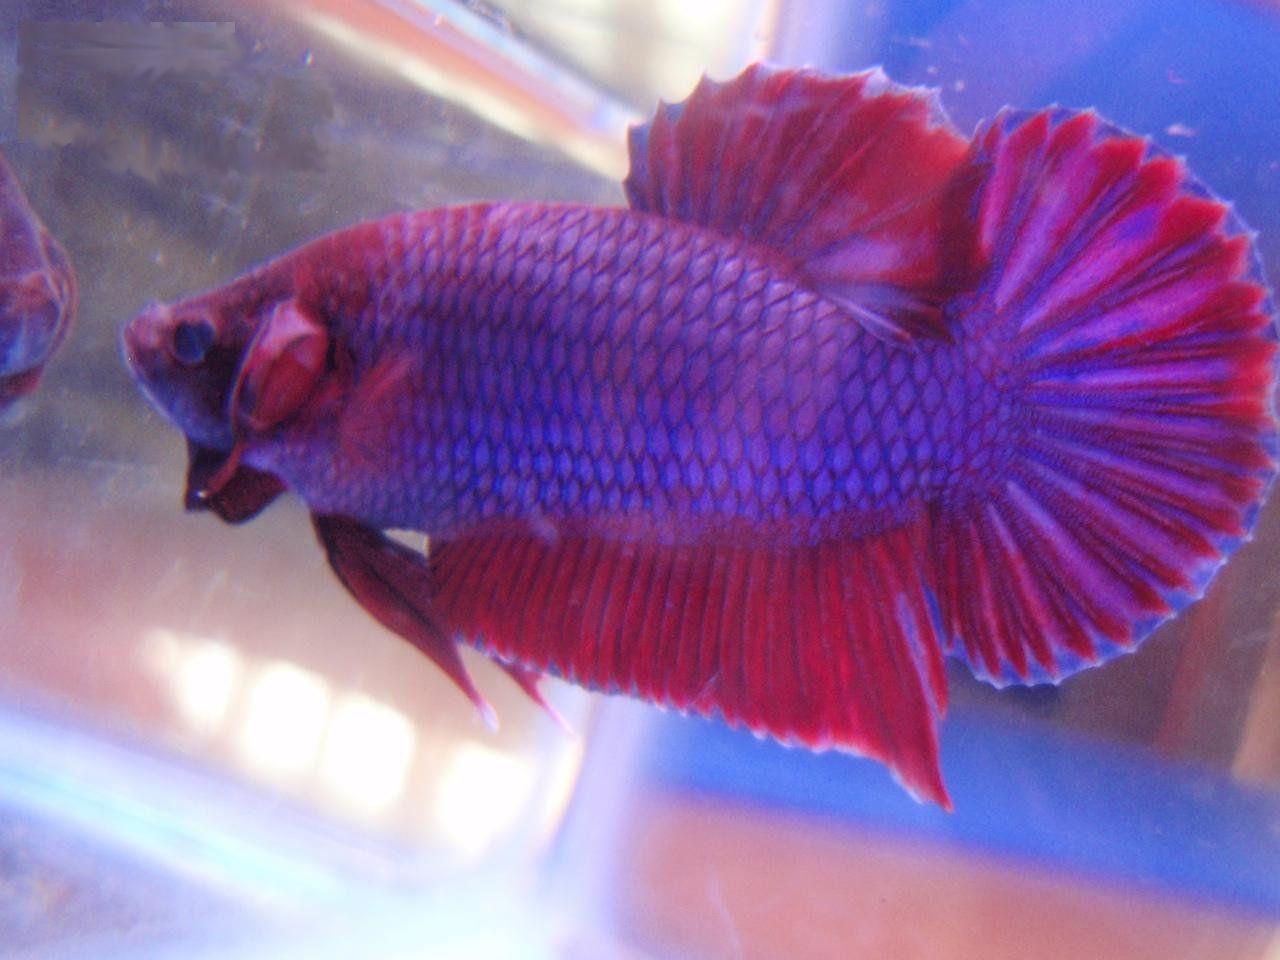 Betta fish quotes quotesgram for Cute betta fish